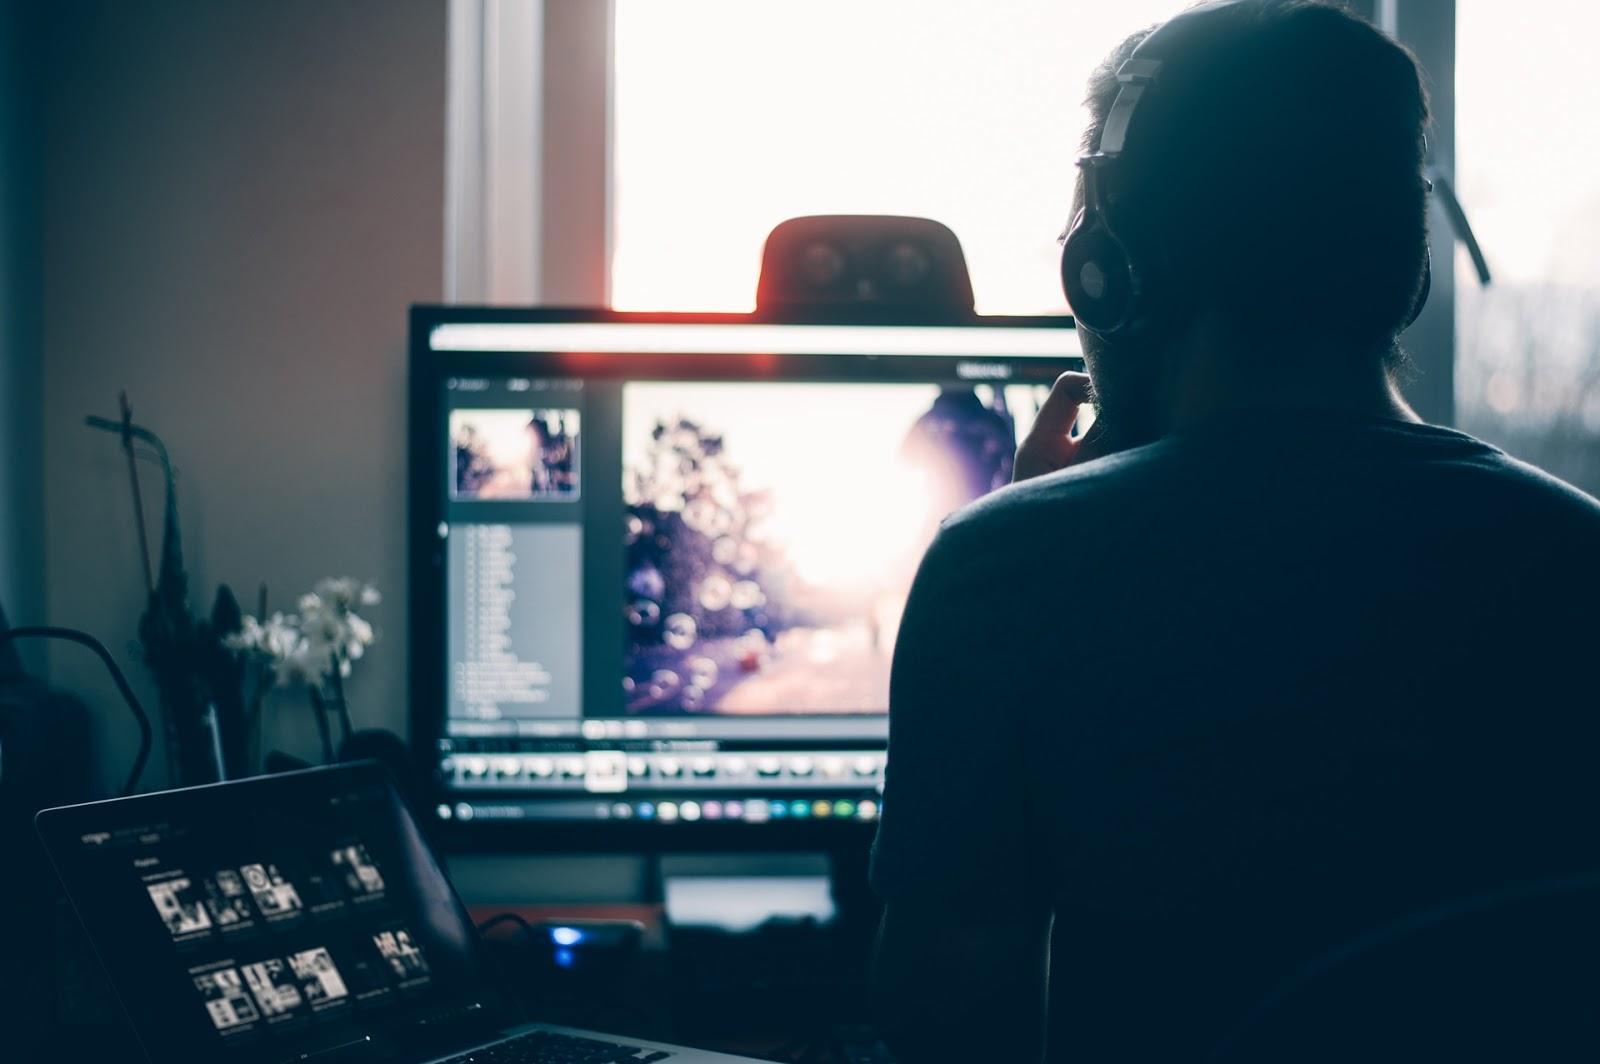 Músicas ajudam na concentração